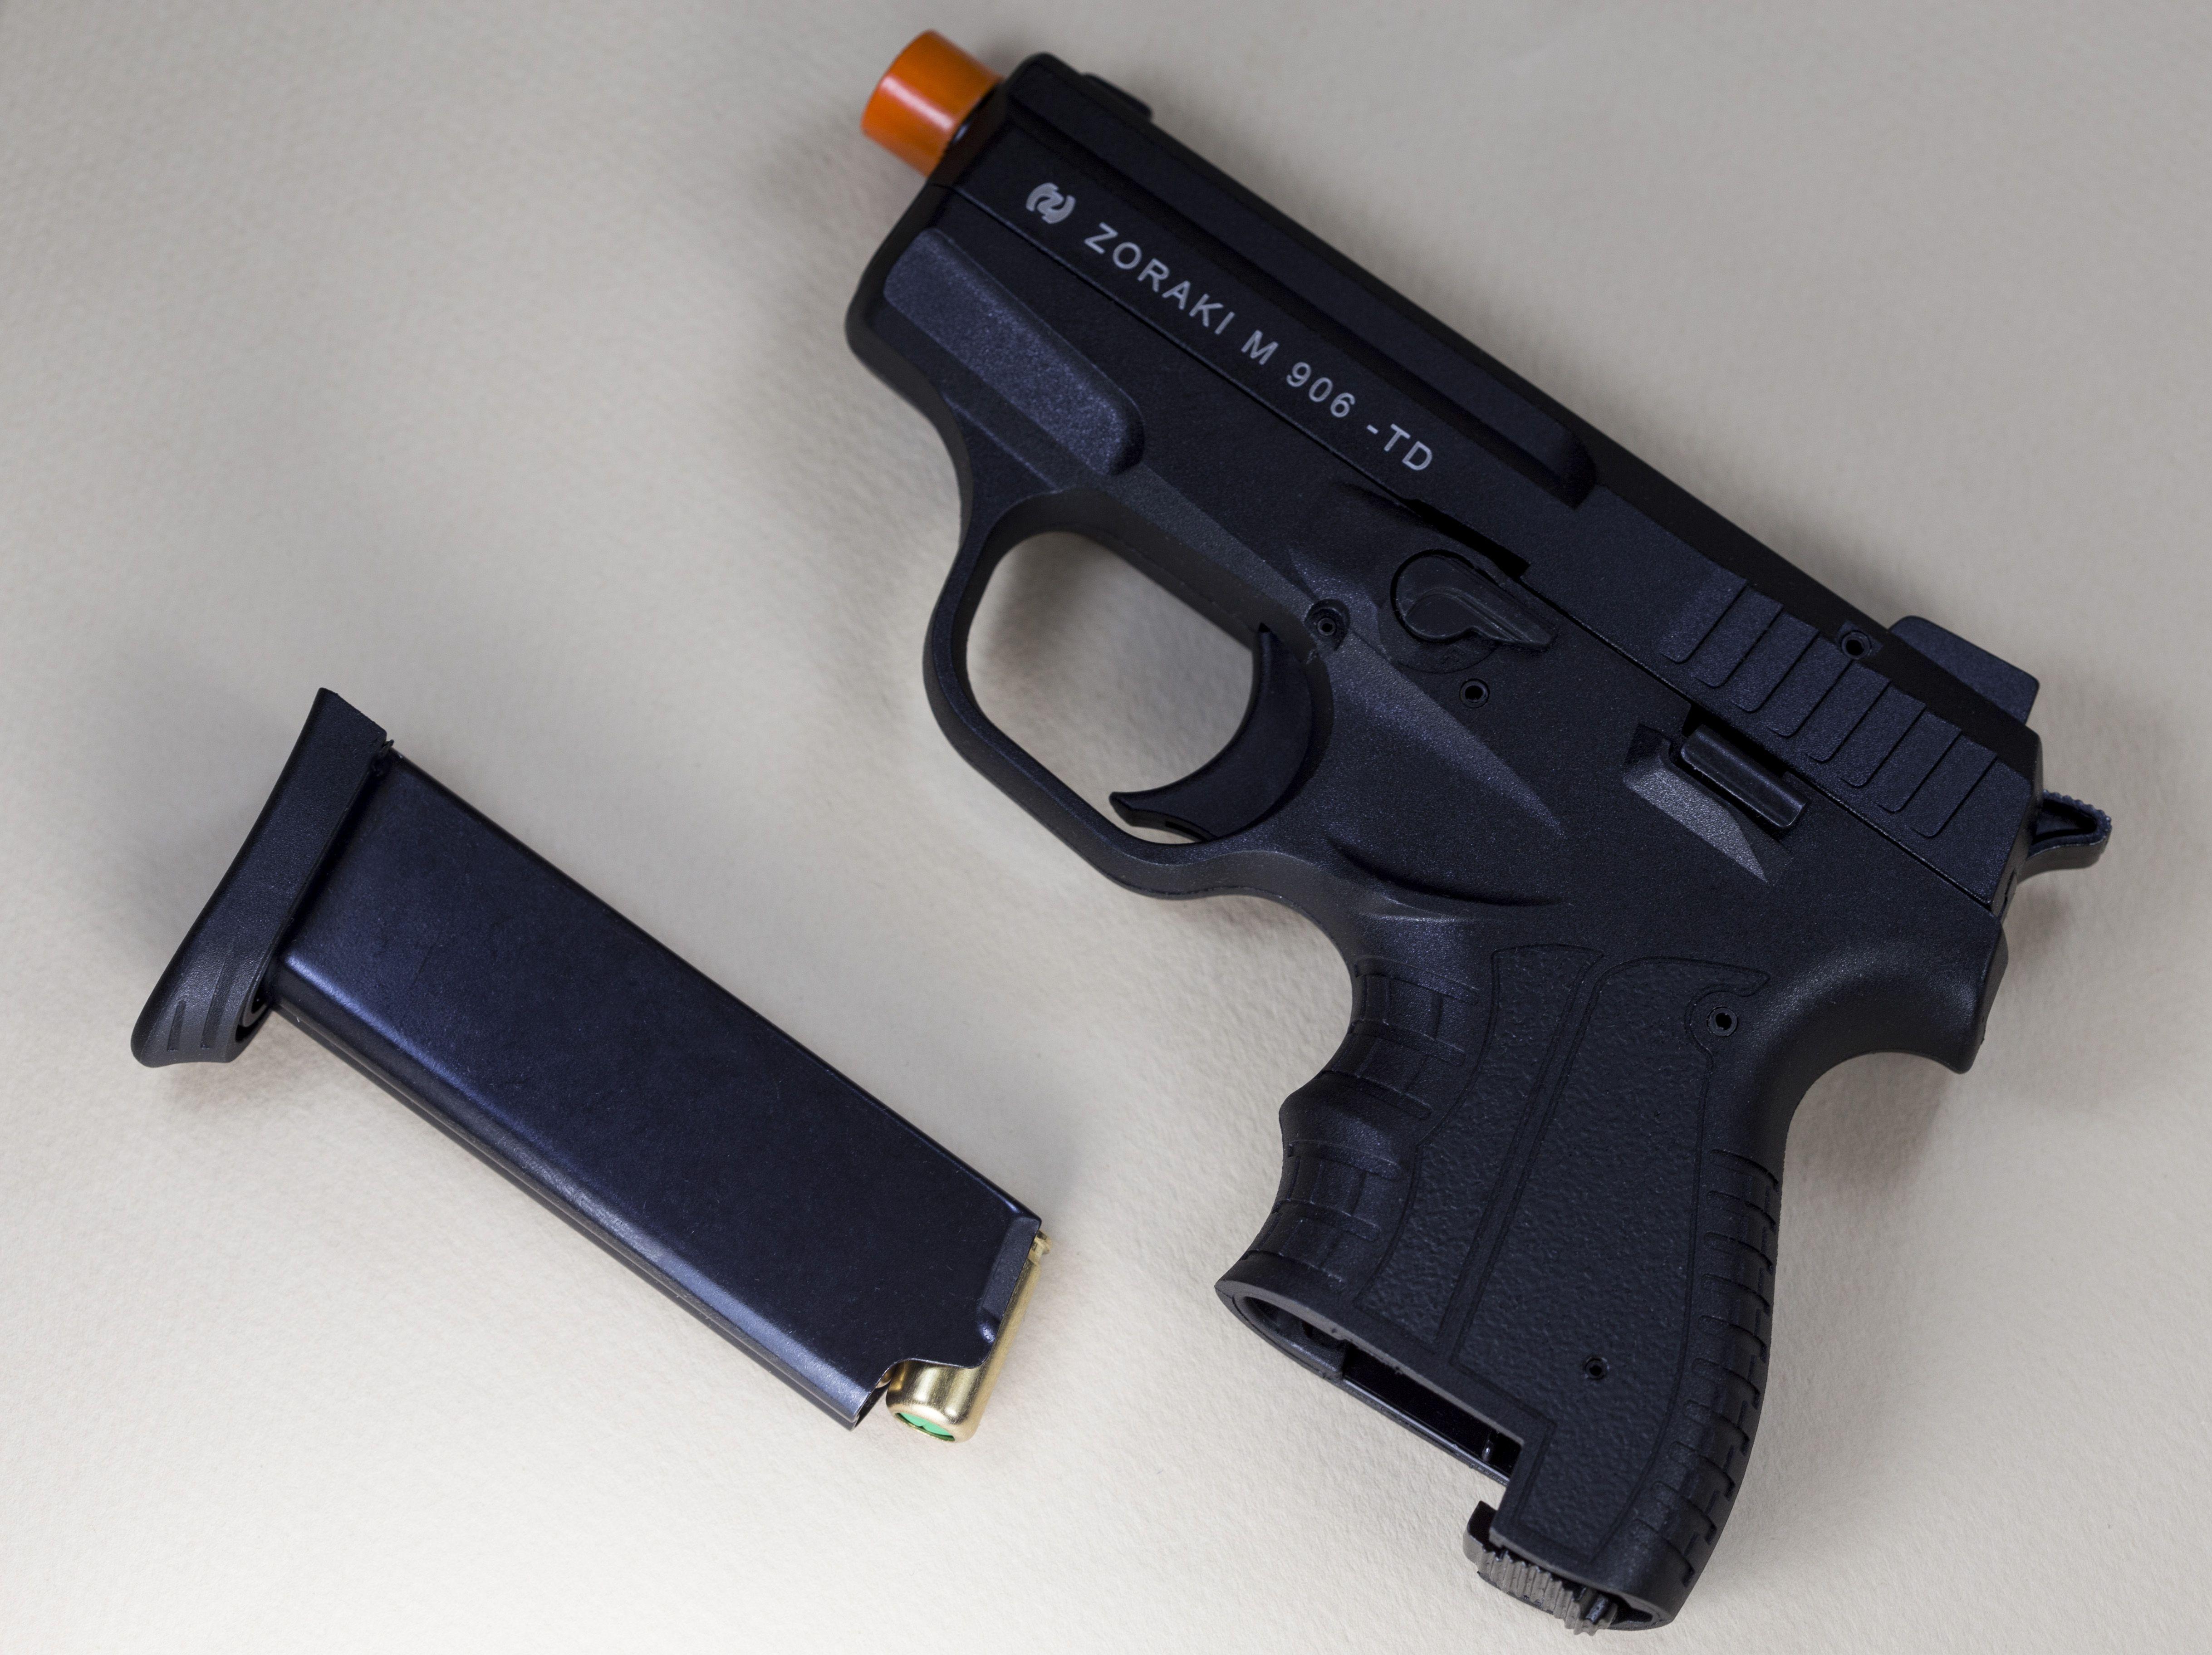 Pin on blank firing guns